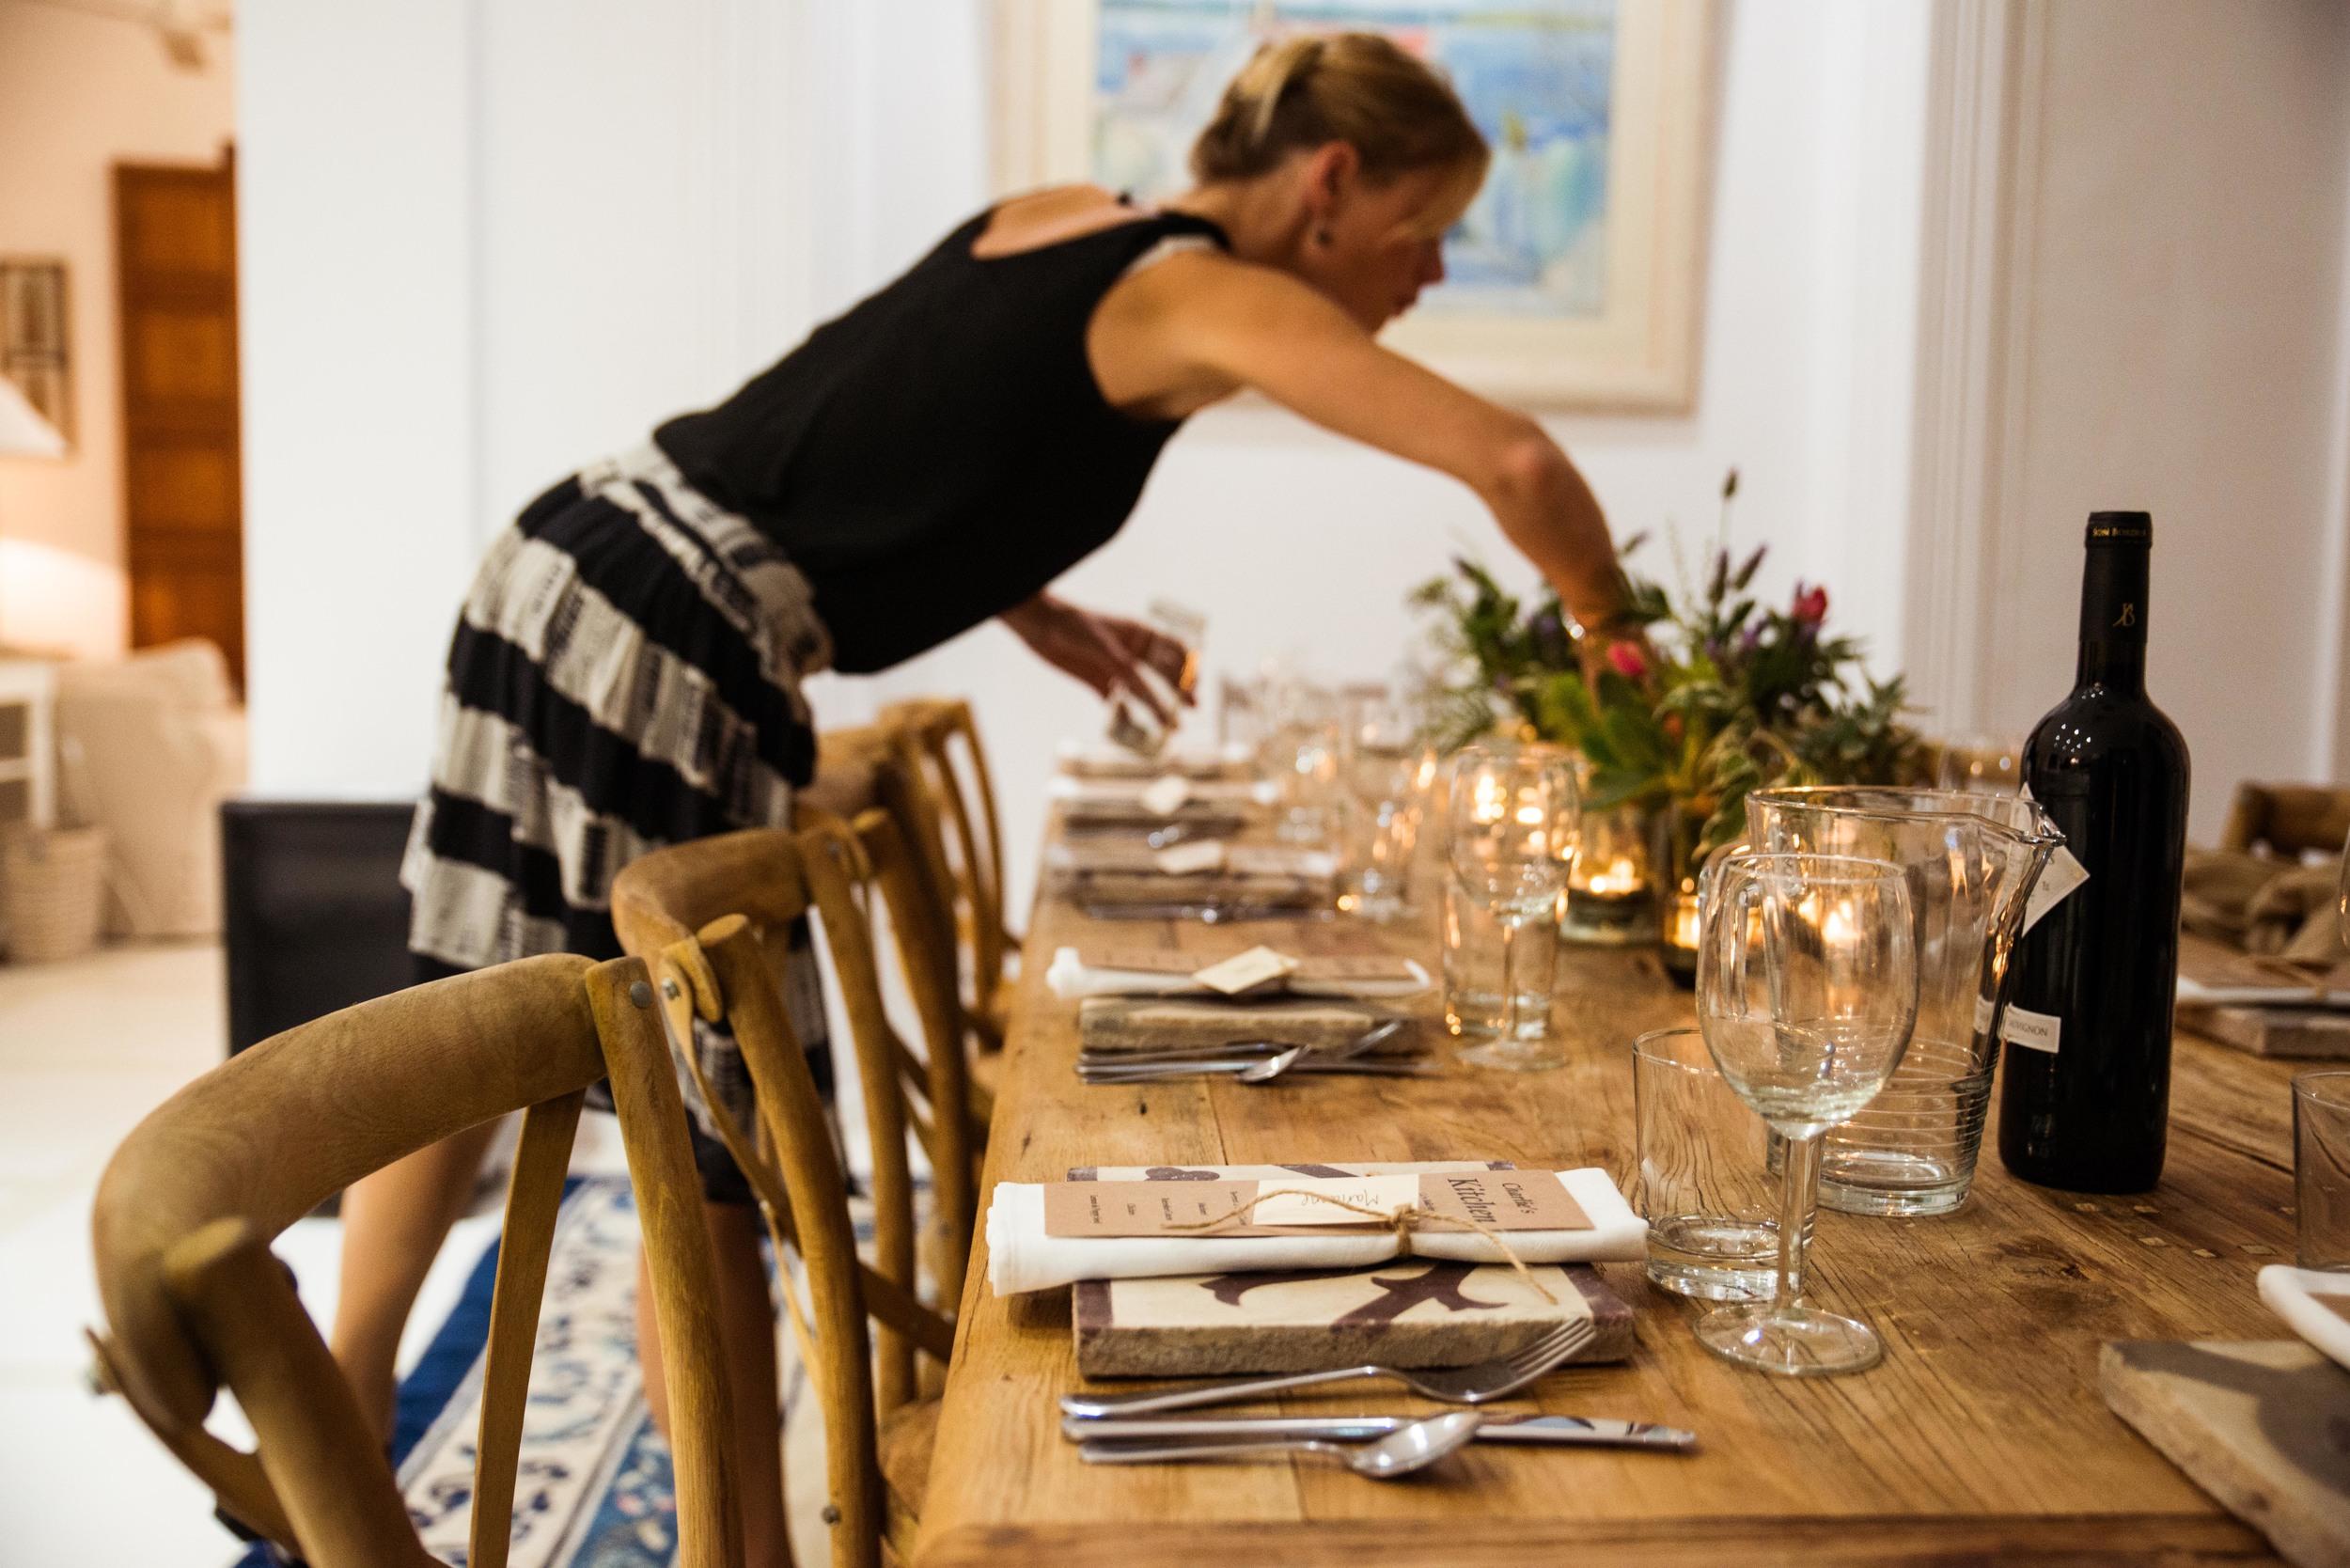 charlies-kitchen-dinner-4.jpg